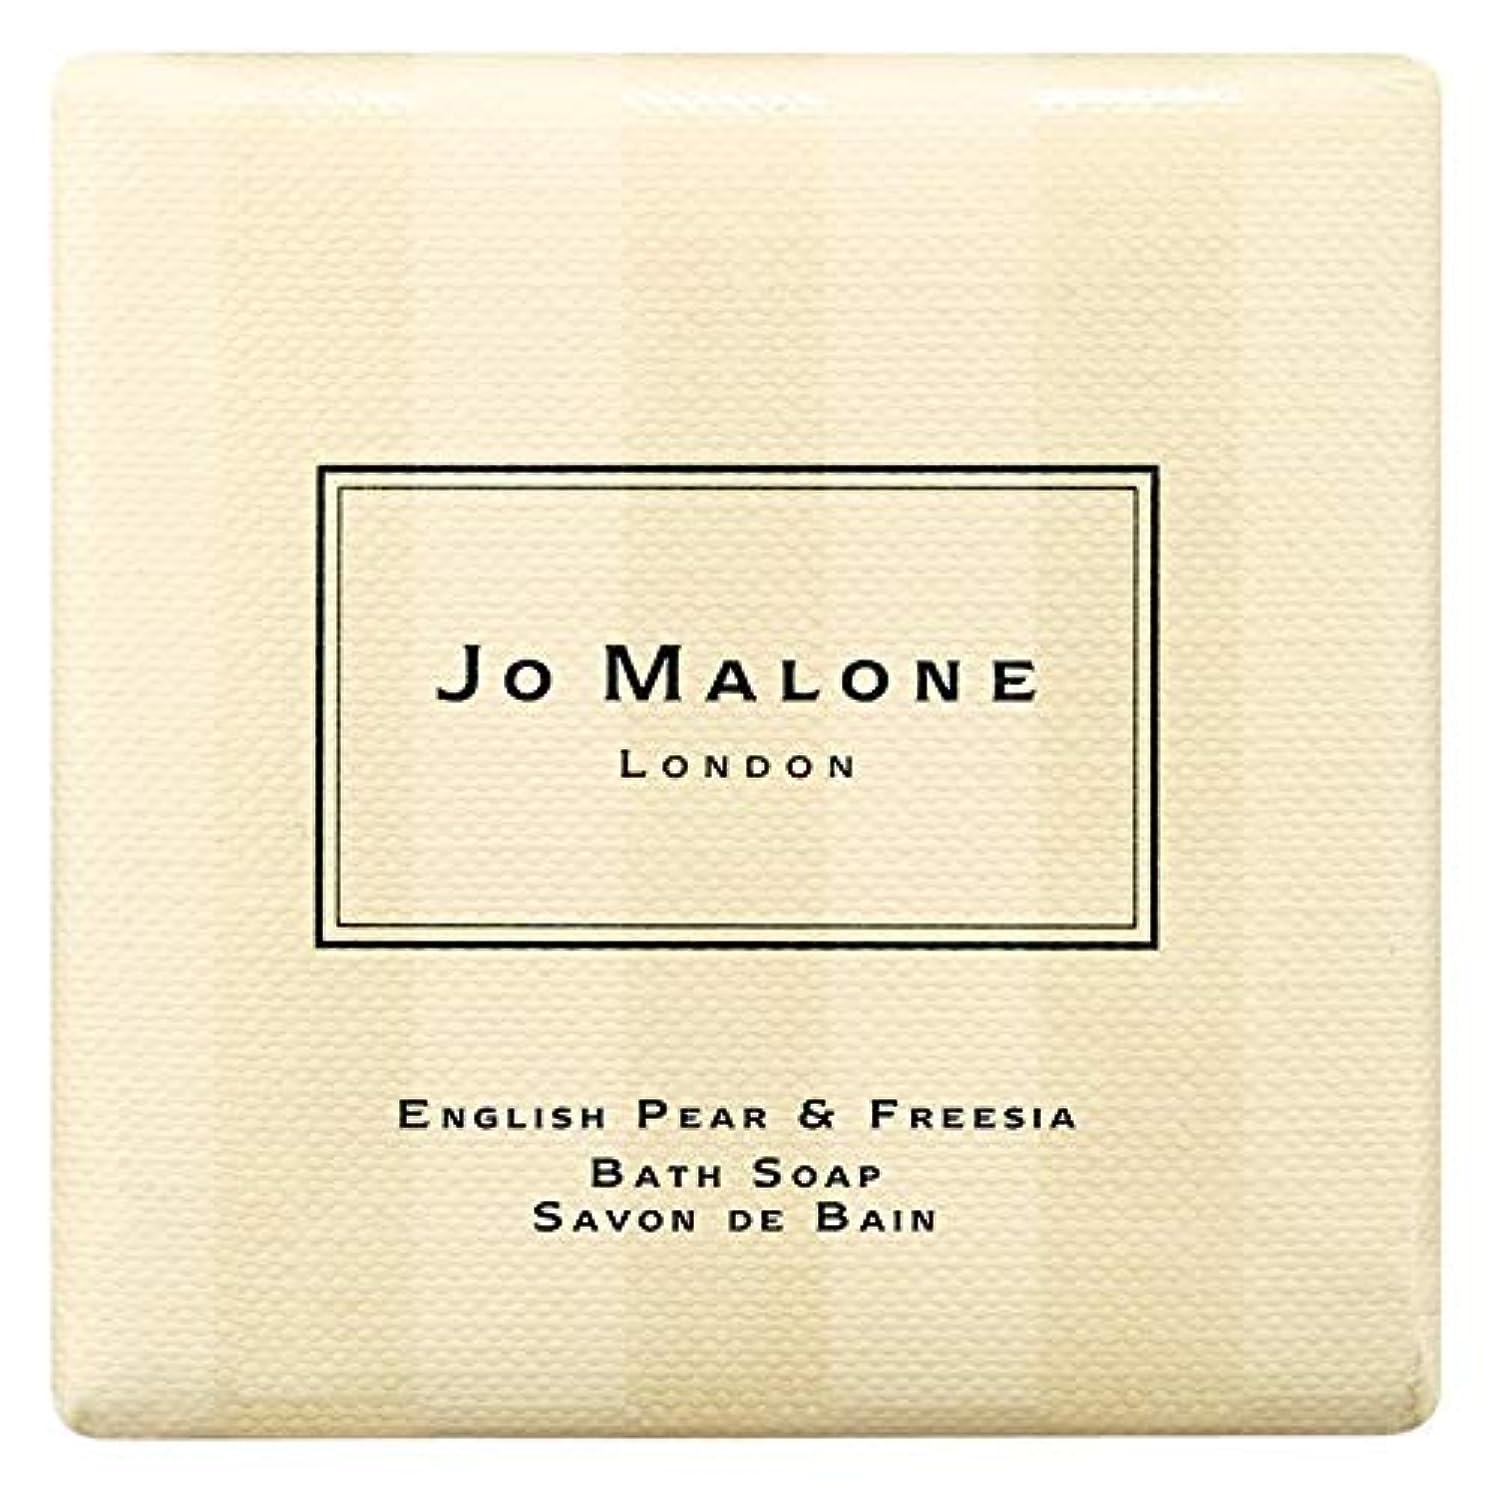 に頼るテメリティ仲間、同僚[Jo Malone] ジョーマローンロンドン英語梨&フリージア入浴石鹸100グラム - Jo Malone London English Pear & Freesia Bath Soap 100g [並行輸入品]